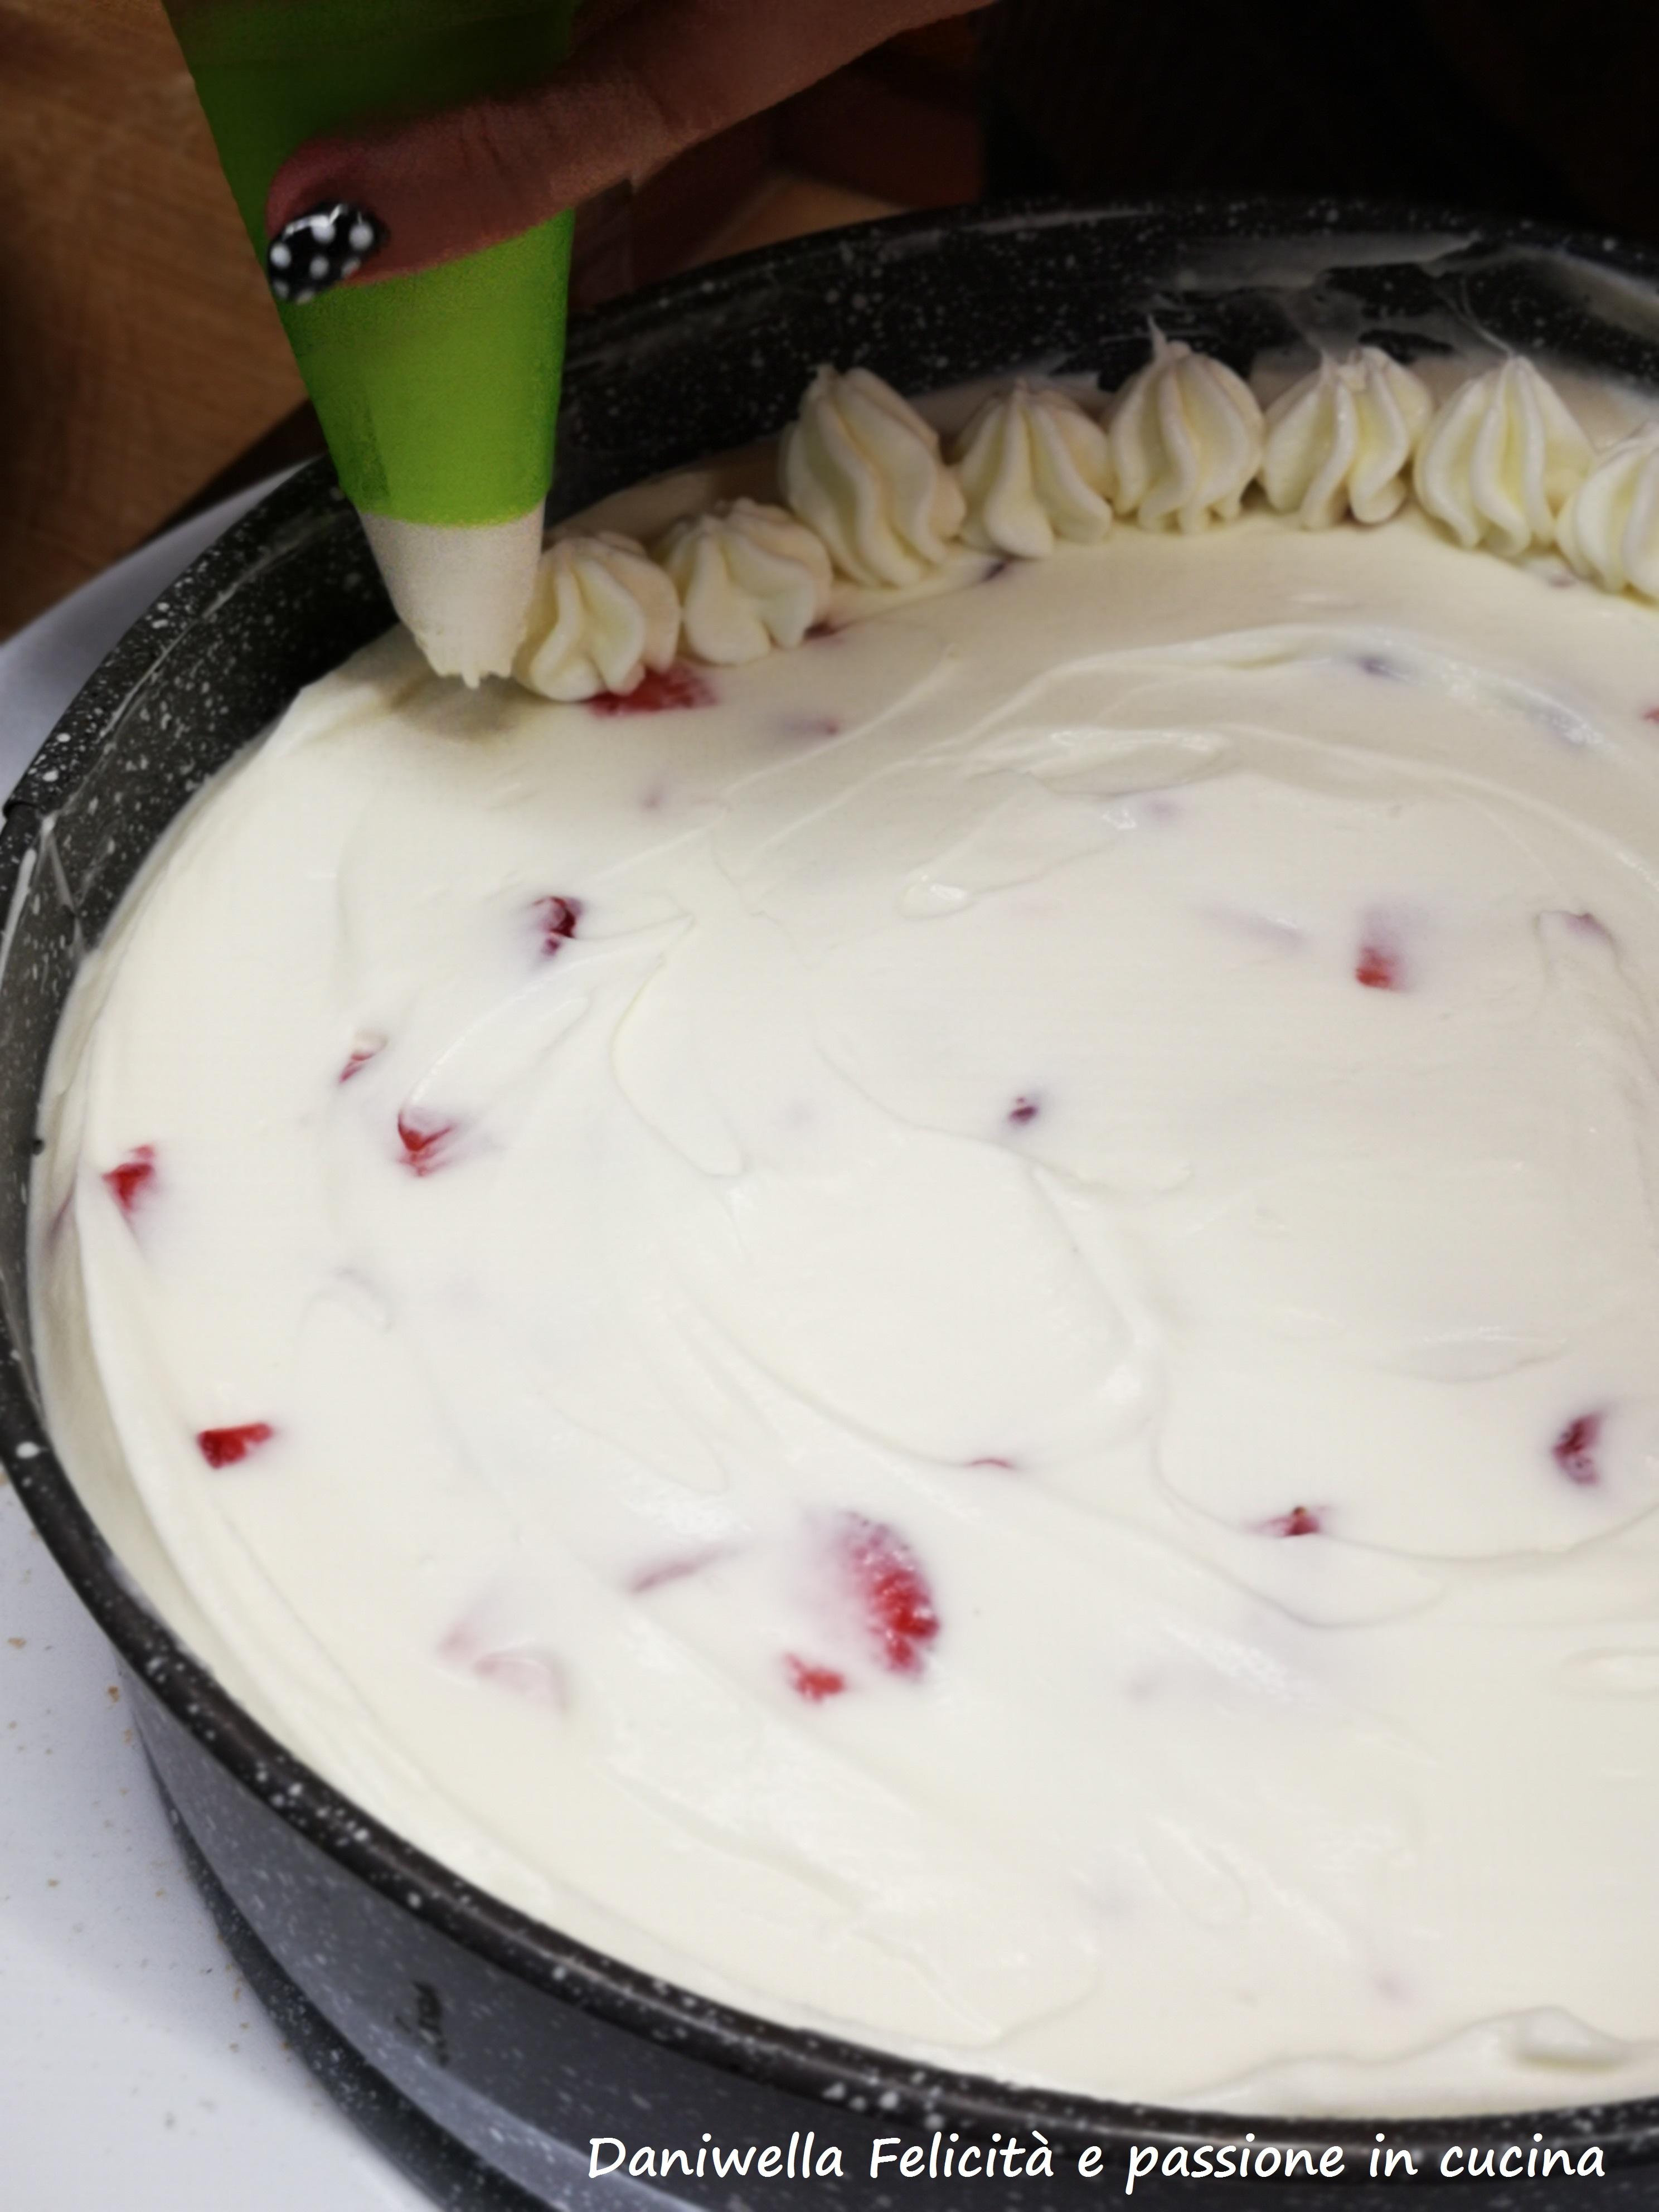 Con la crema e le fragole avanzate prepariamo la decorazione finale che renderà la torta bella e superlativa anche alla vista. Con l'aiuto di un sac a poche e una bocchetta a stella fate dei ciuffetti tutto intorno, staccandovi leggermente dalla parete dello stampo. Mettete la torta in frigorifero.